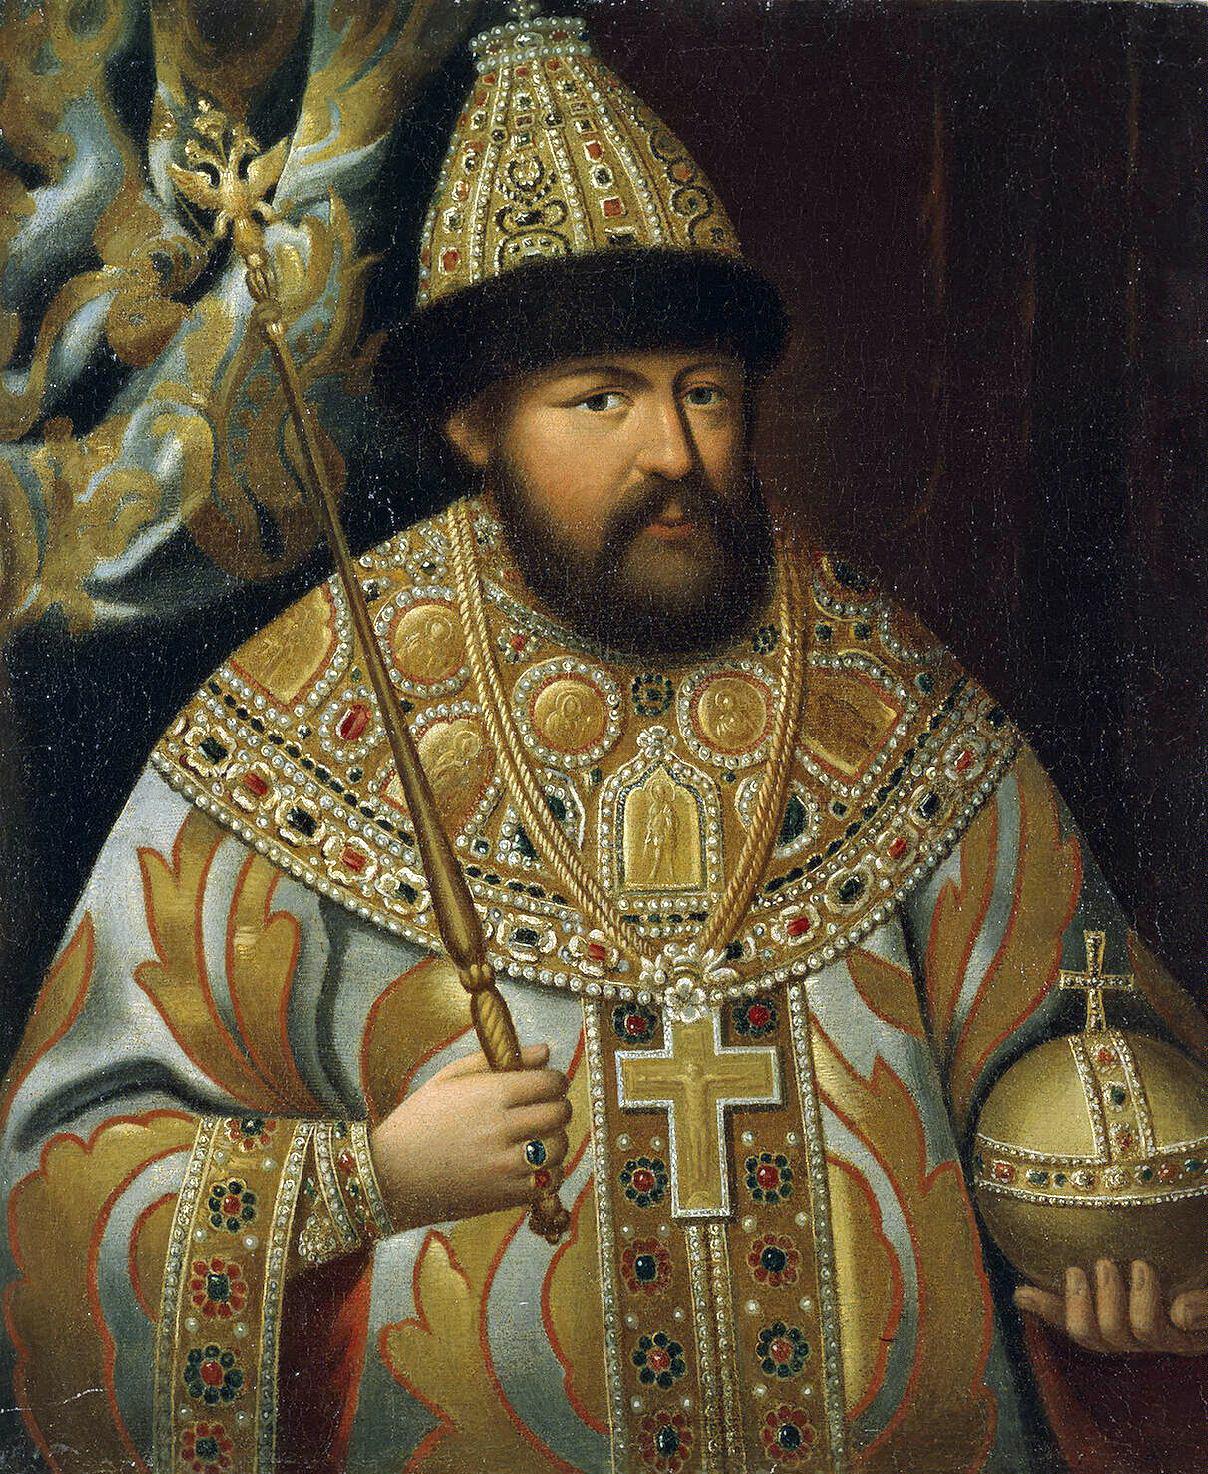 Depiction of Alejo I de Rusia